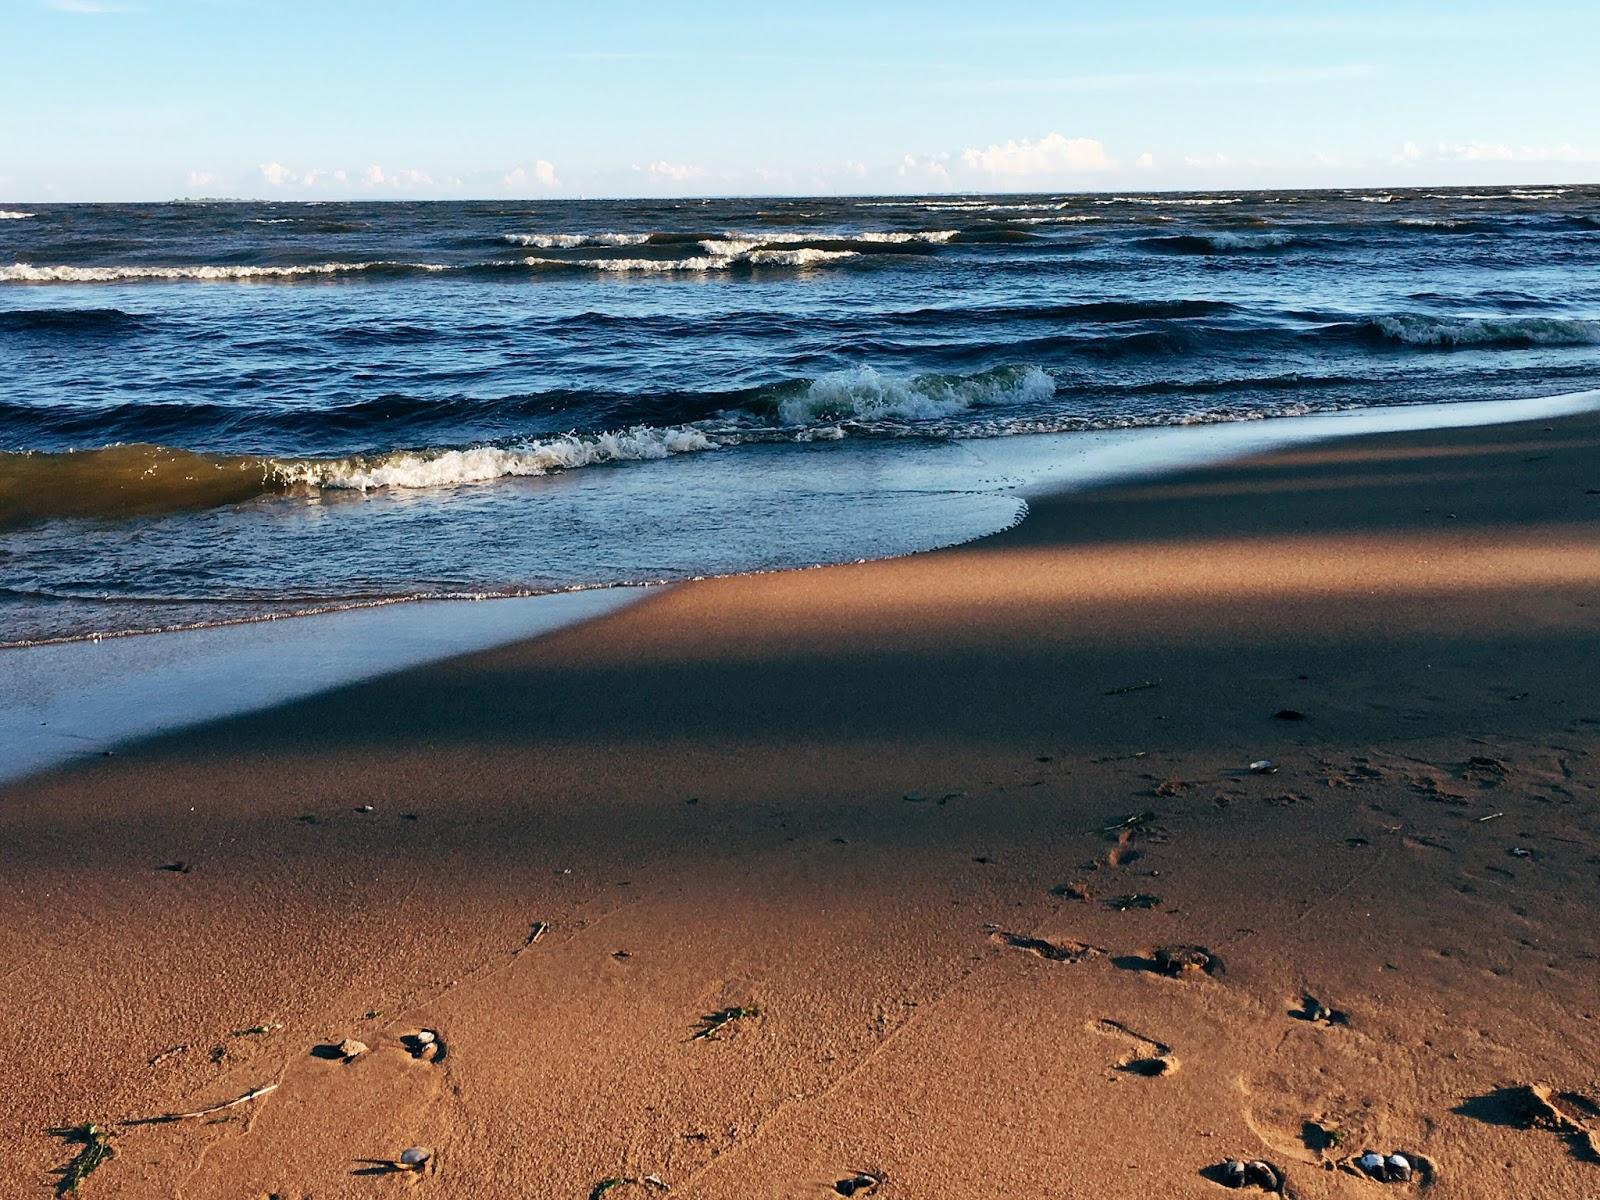 известен репино фото финского залива поддоны перфорированные сплошные